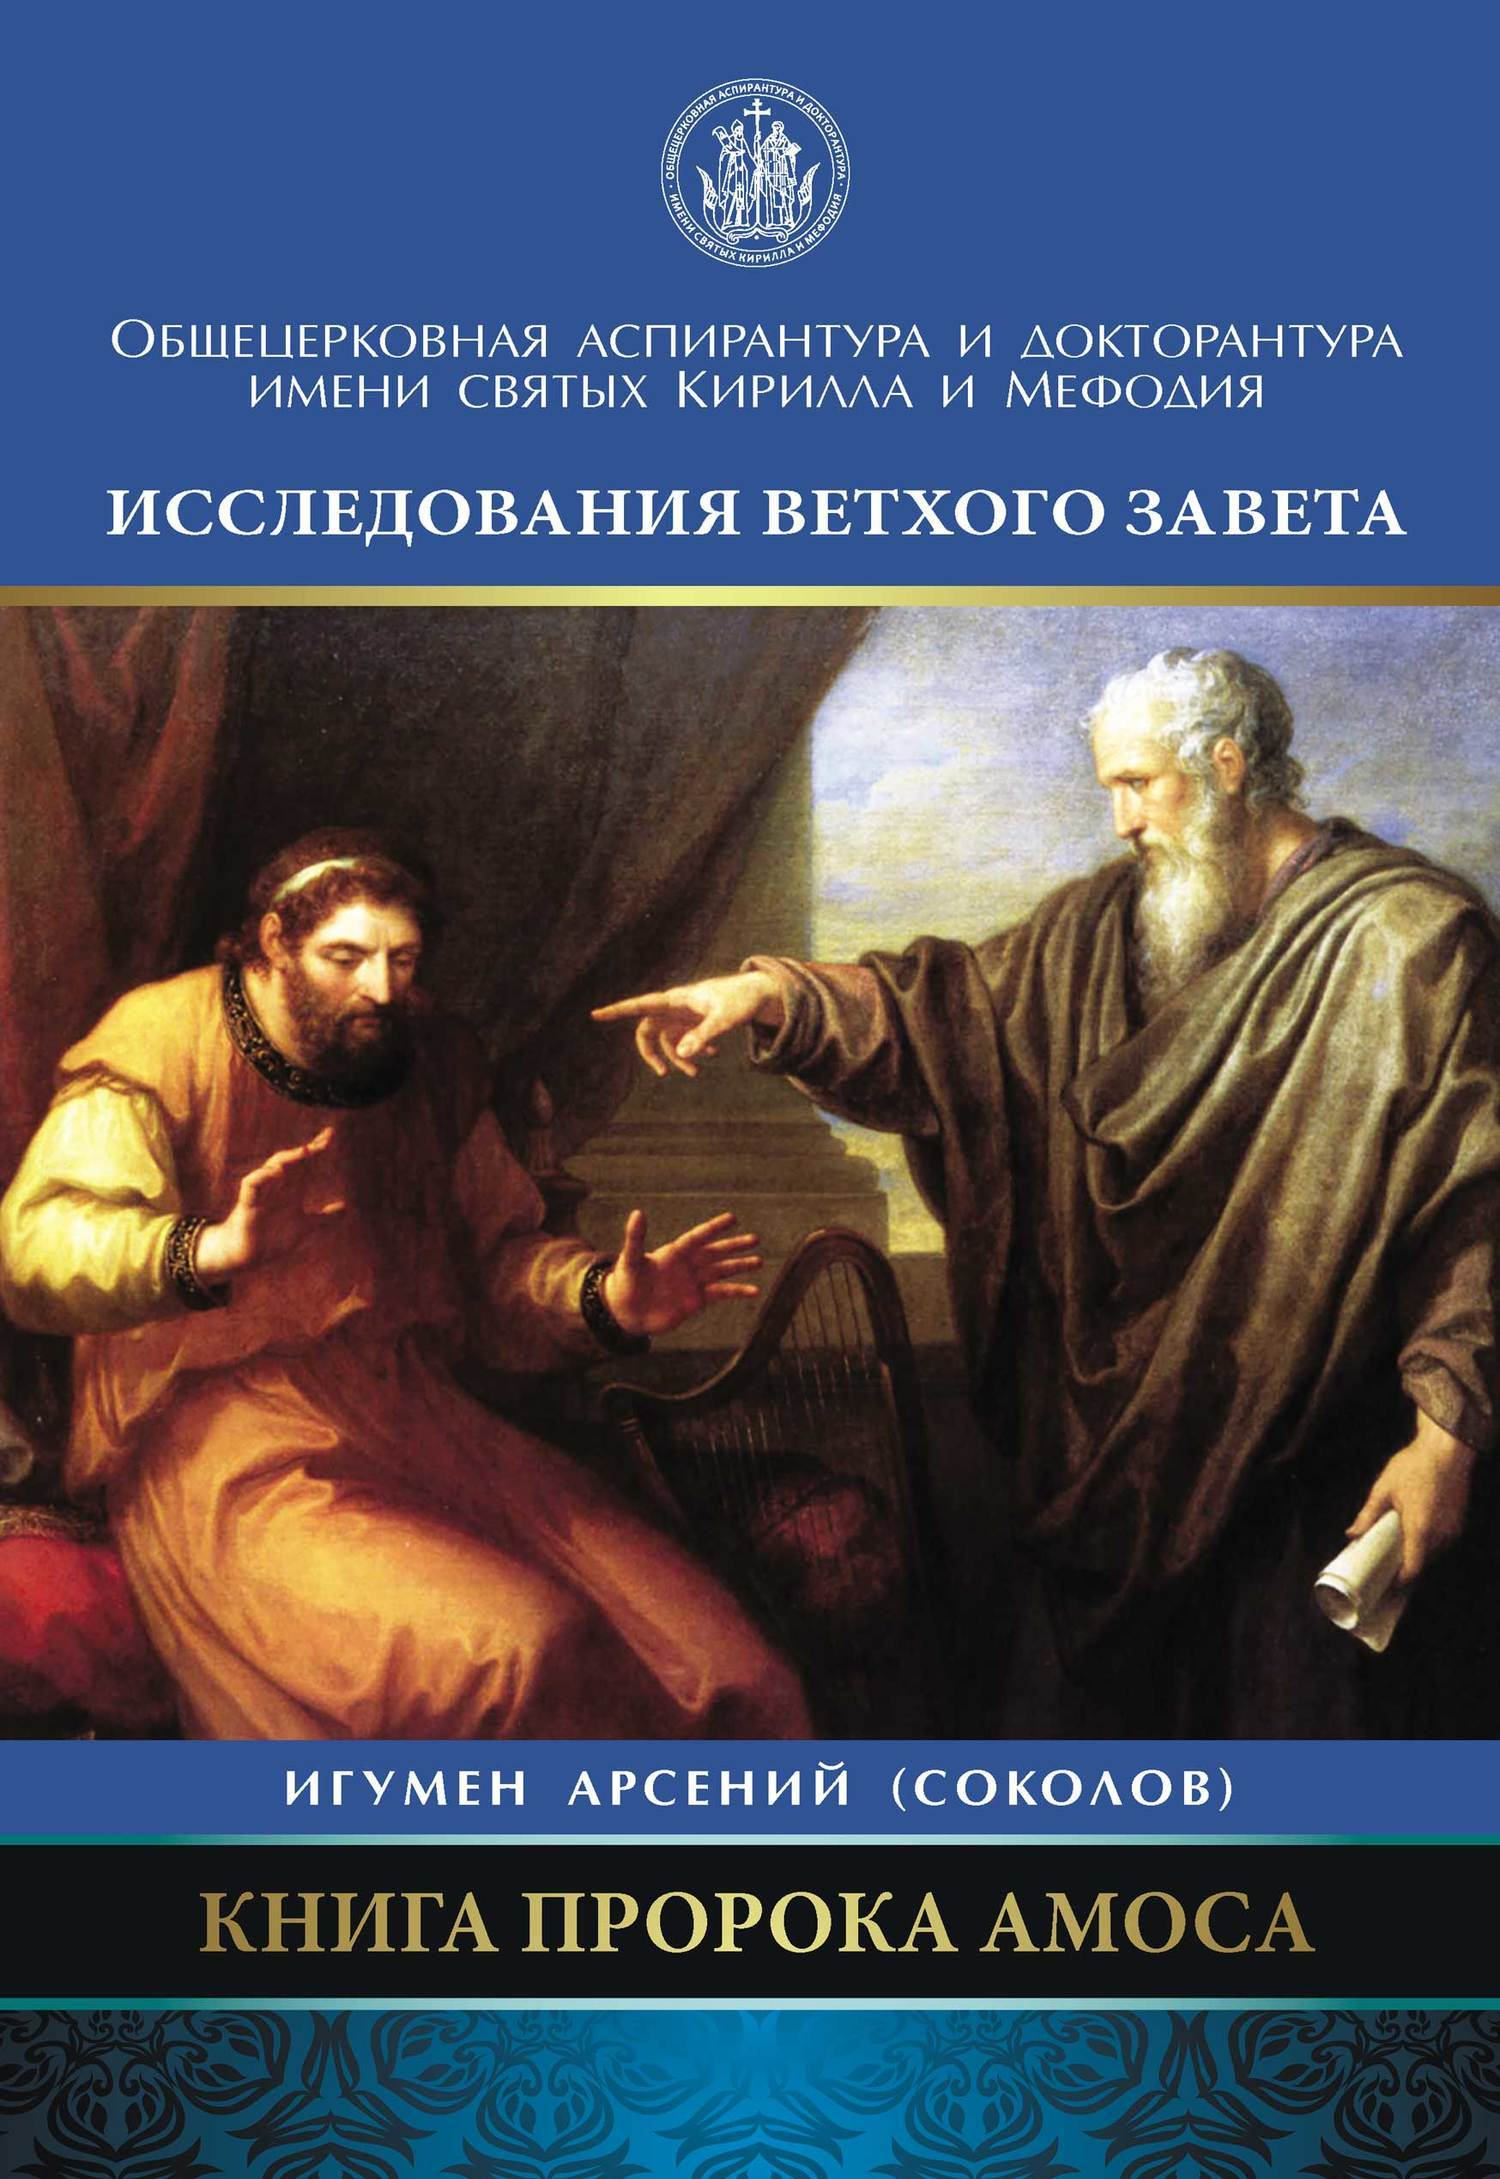 Арсений Соколов - Книга пророка Амоса. Введение и комментарий